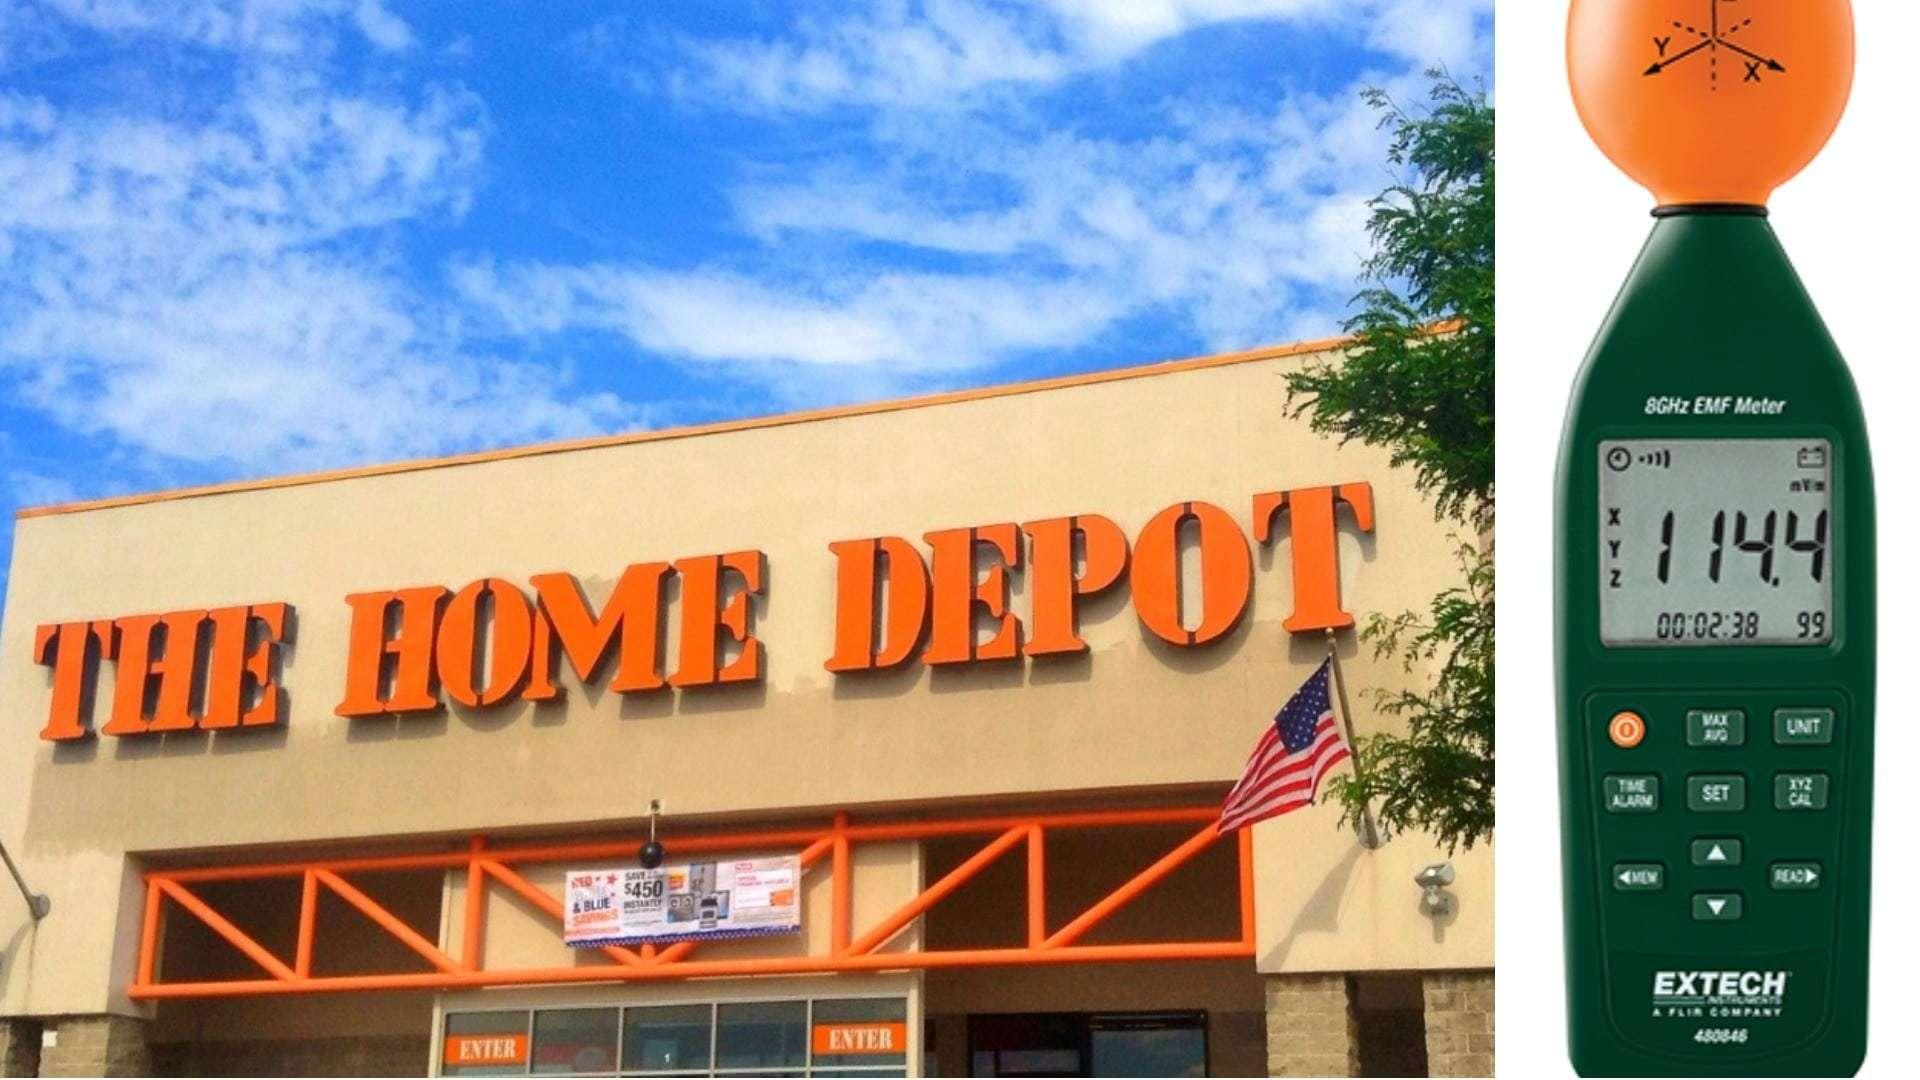 Home Depot EMF Meter